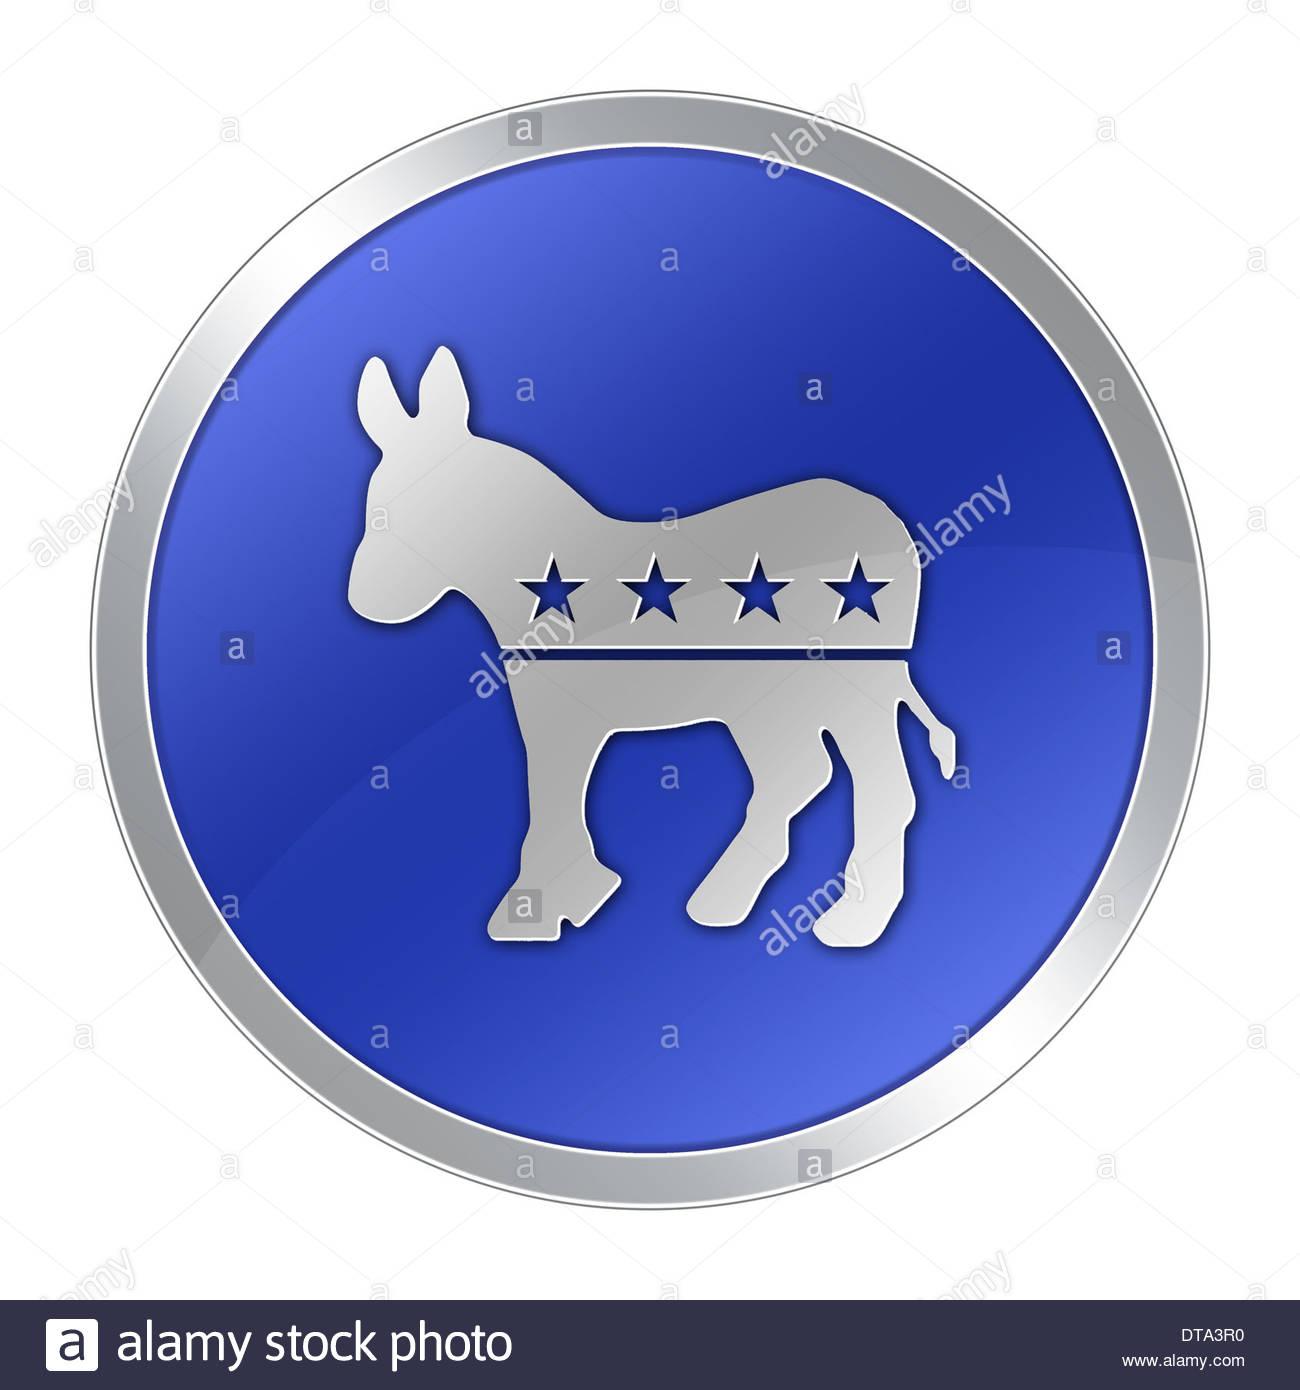 Democratic Party icon logo donkey politics - Stock Image